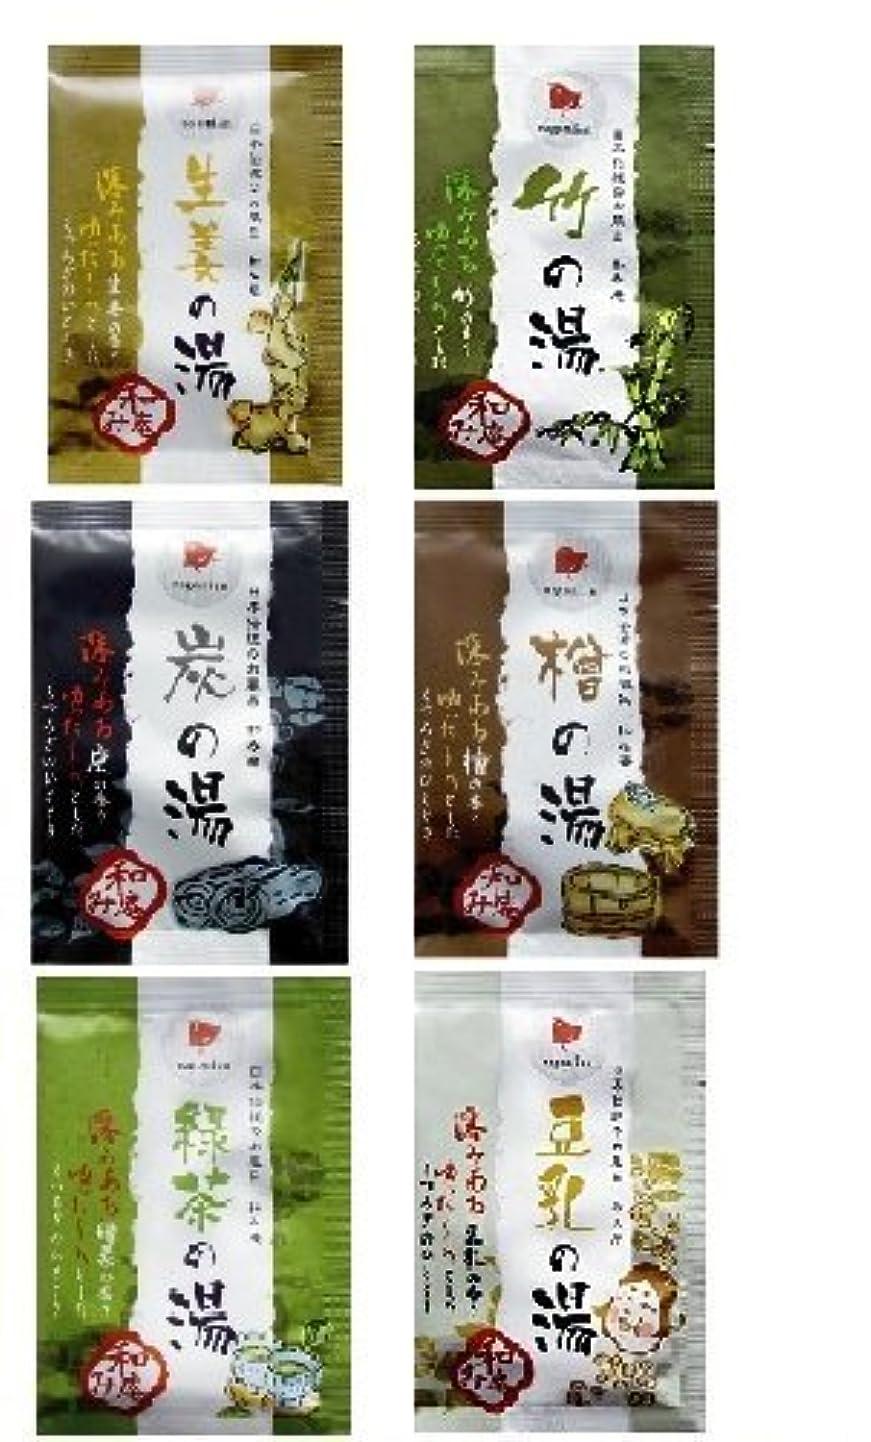 概念意外ウール日本伝統のお風呂 和み庵 6種類セット